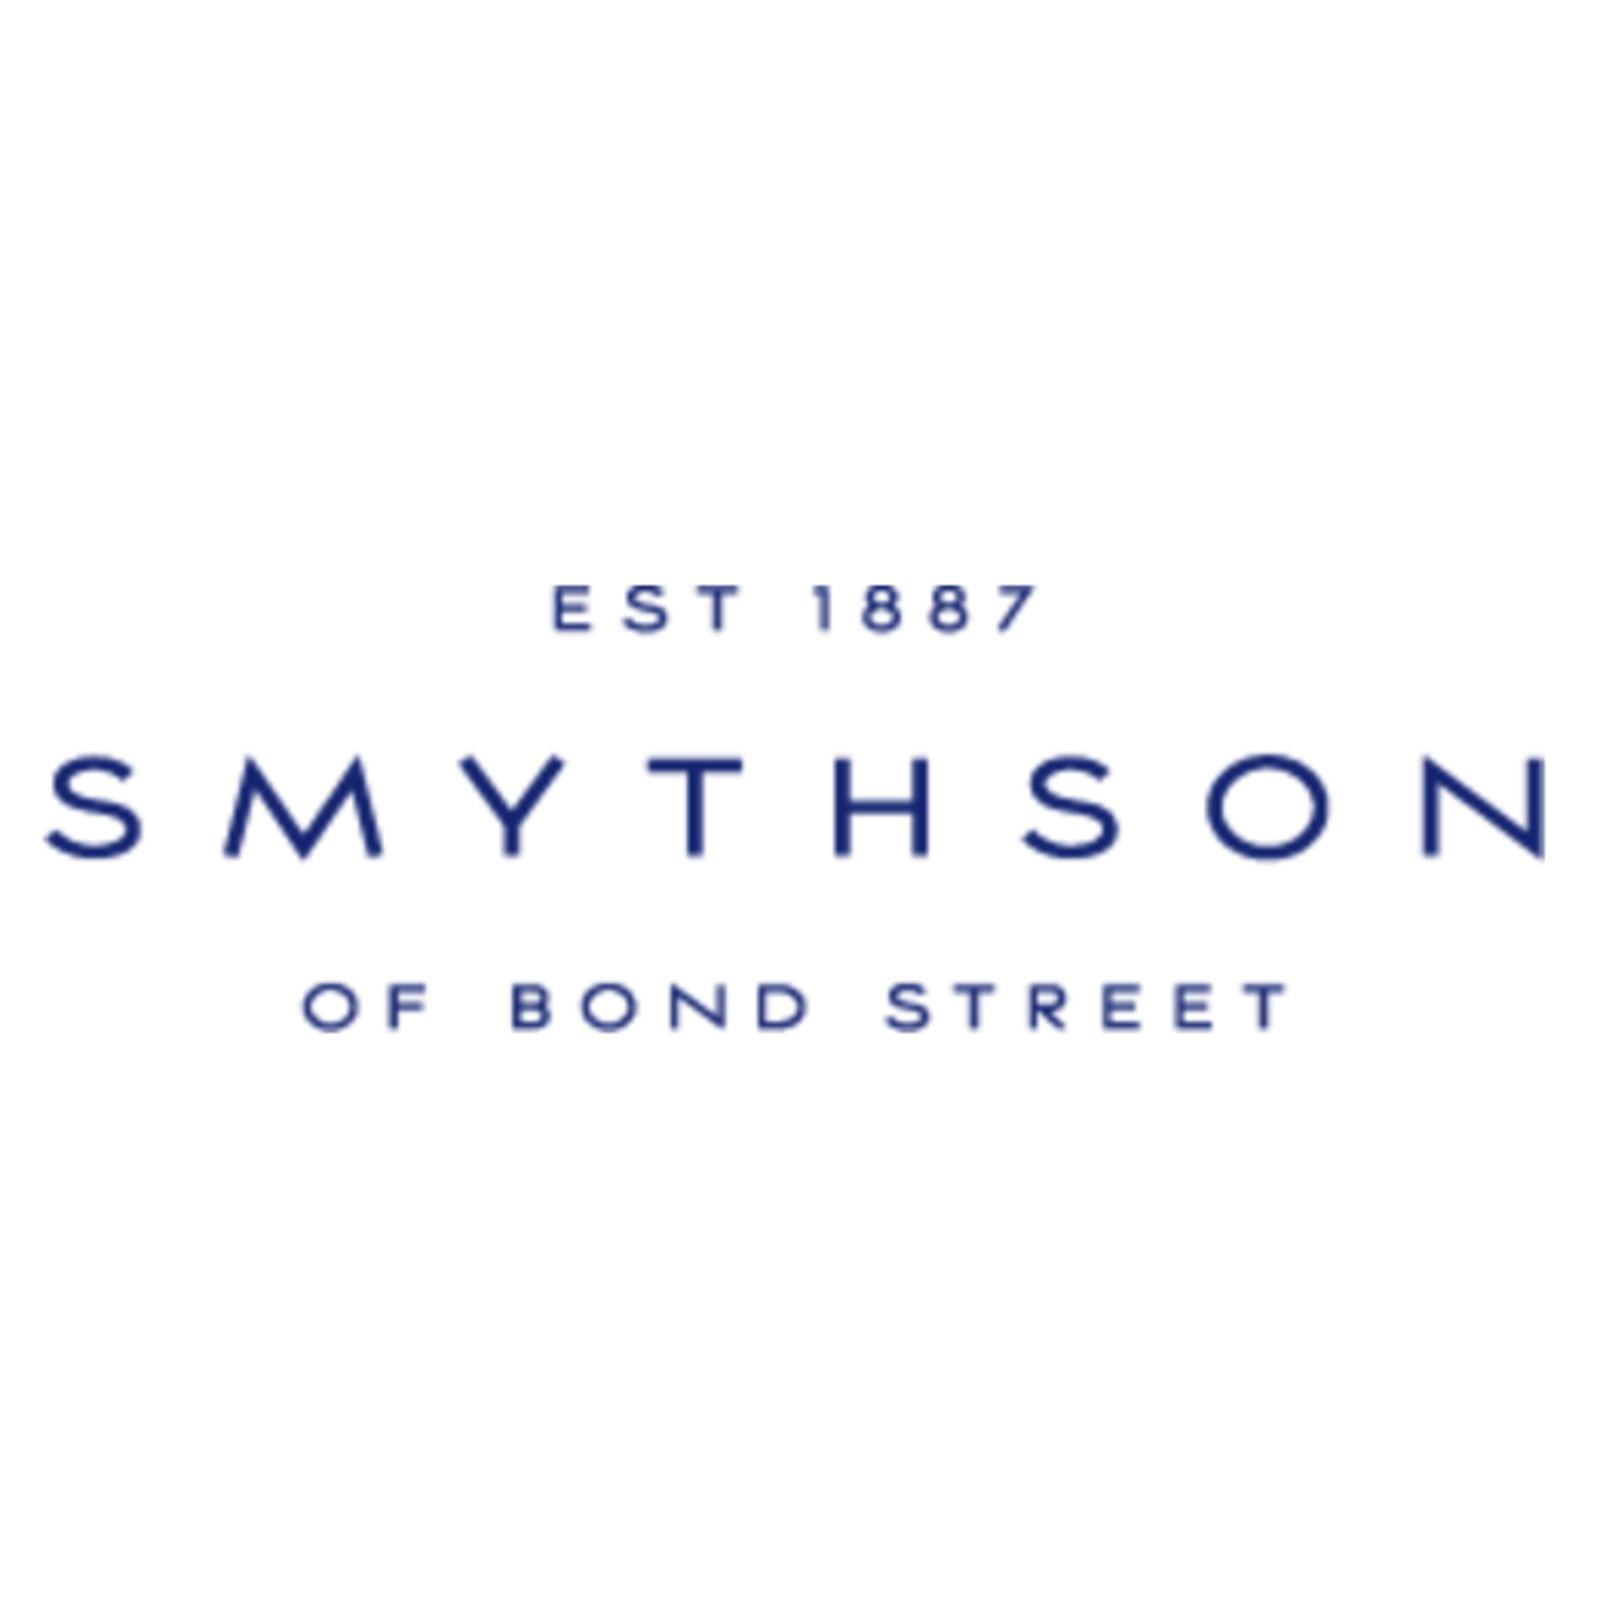 SMYTHSON